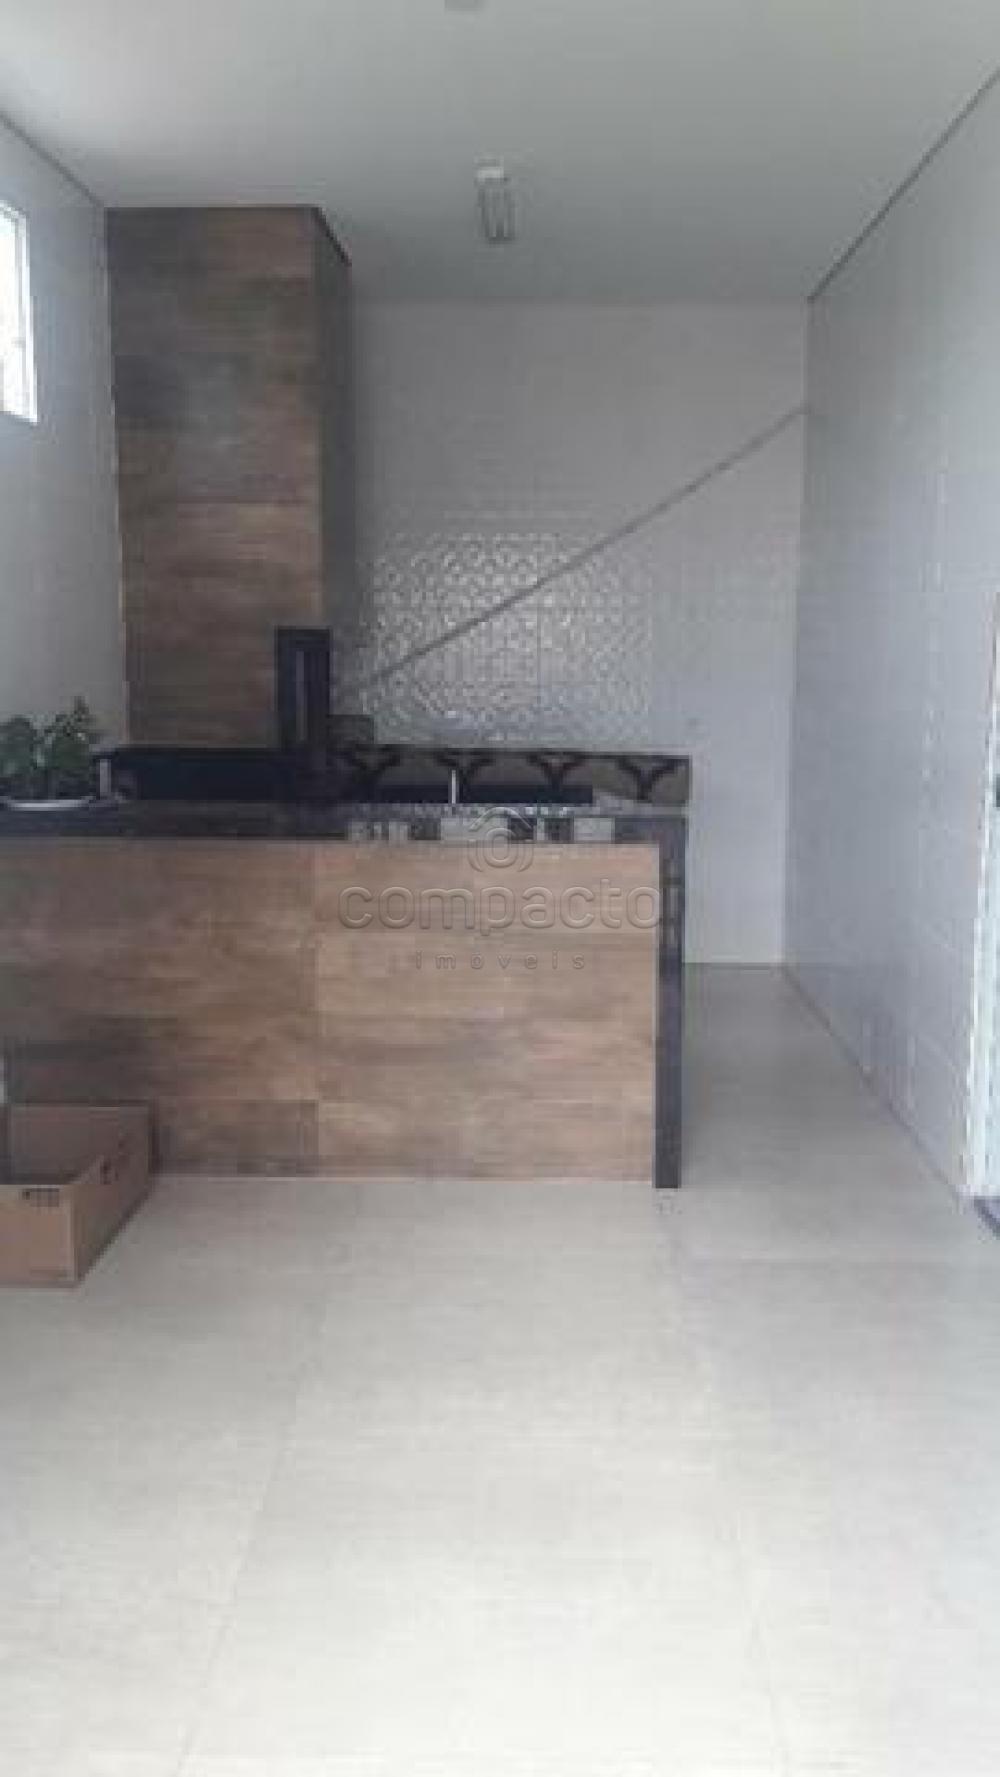 Comprar Casa / Padrão em São José do Rio Preto apenas R$ 395.000,00 - Foto 6